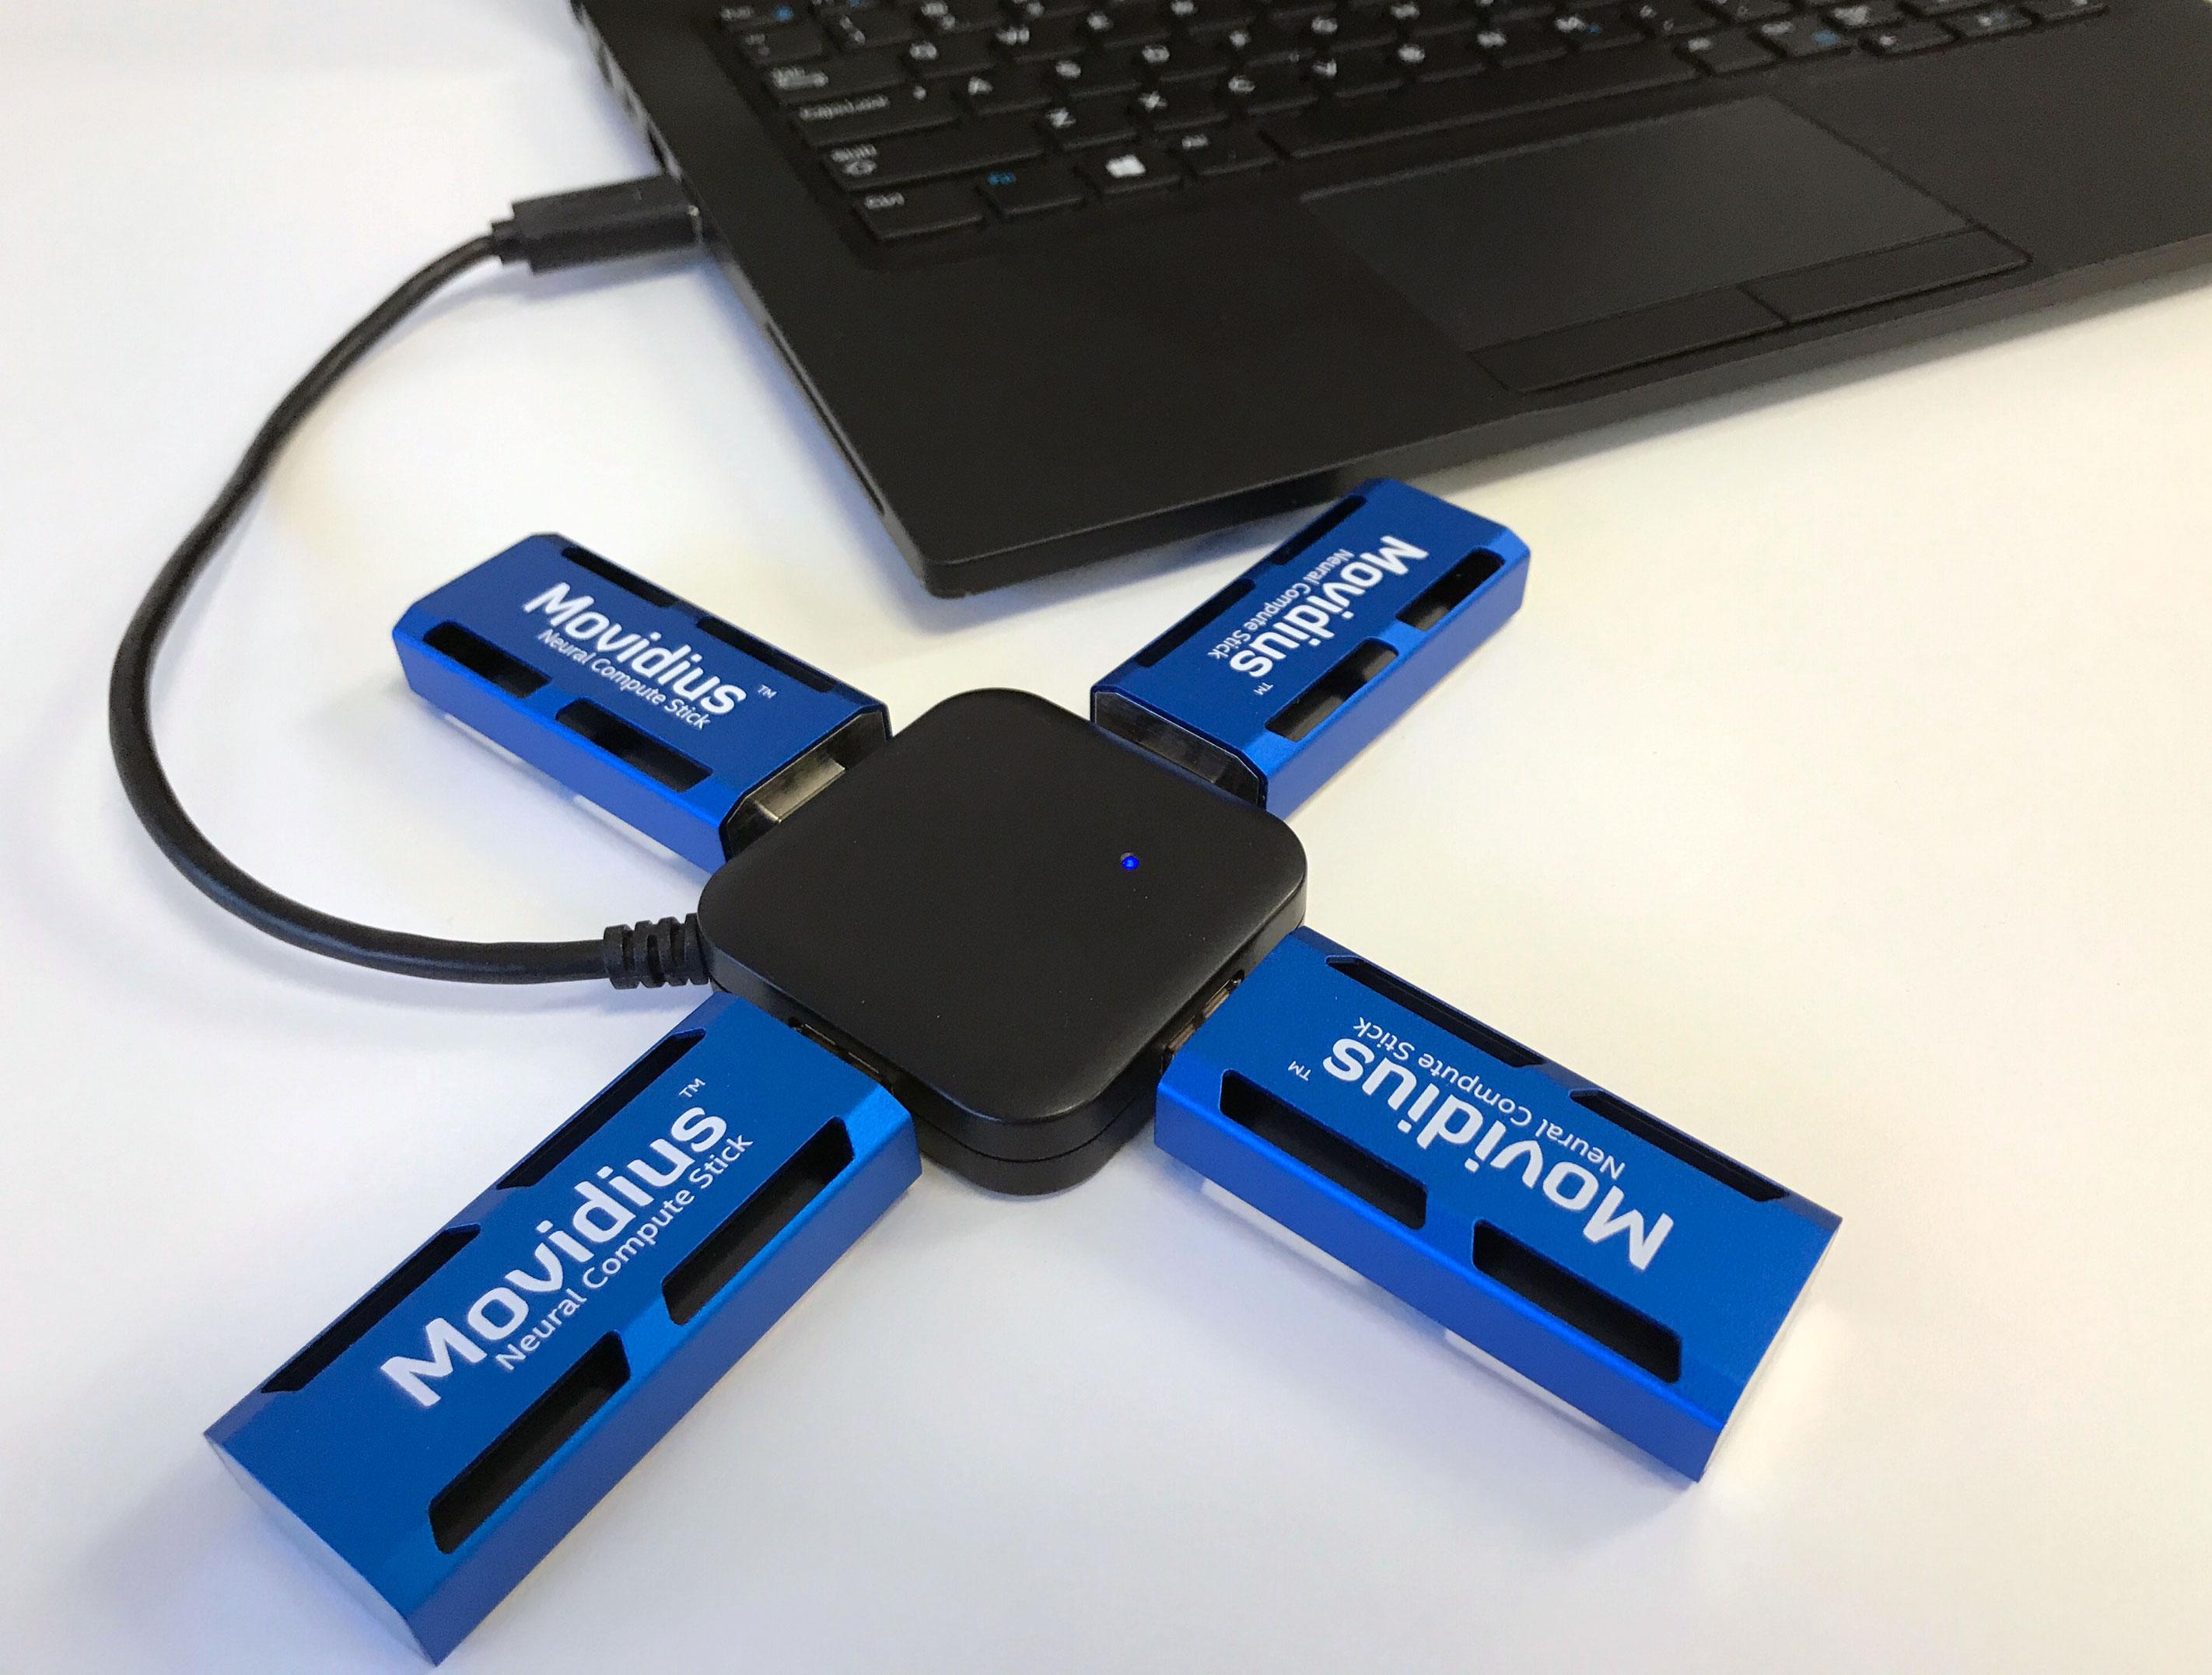 La clé Movidius Neural Compute Stick propose 100 gigaflops de puissance de calcul en demi-précision pour seulement 1 W de consommation.